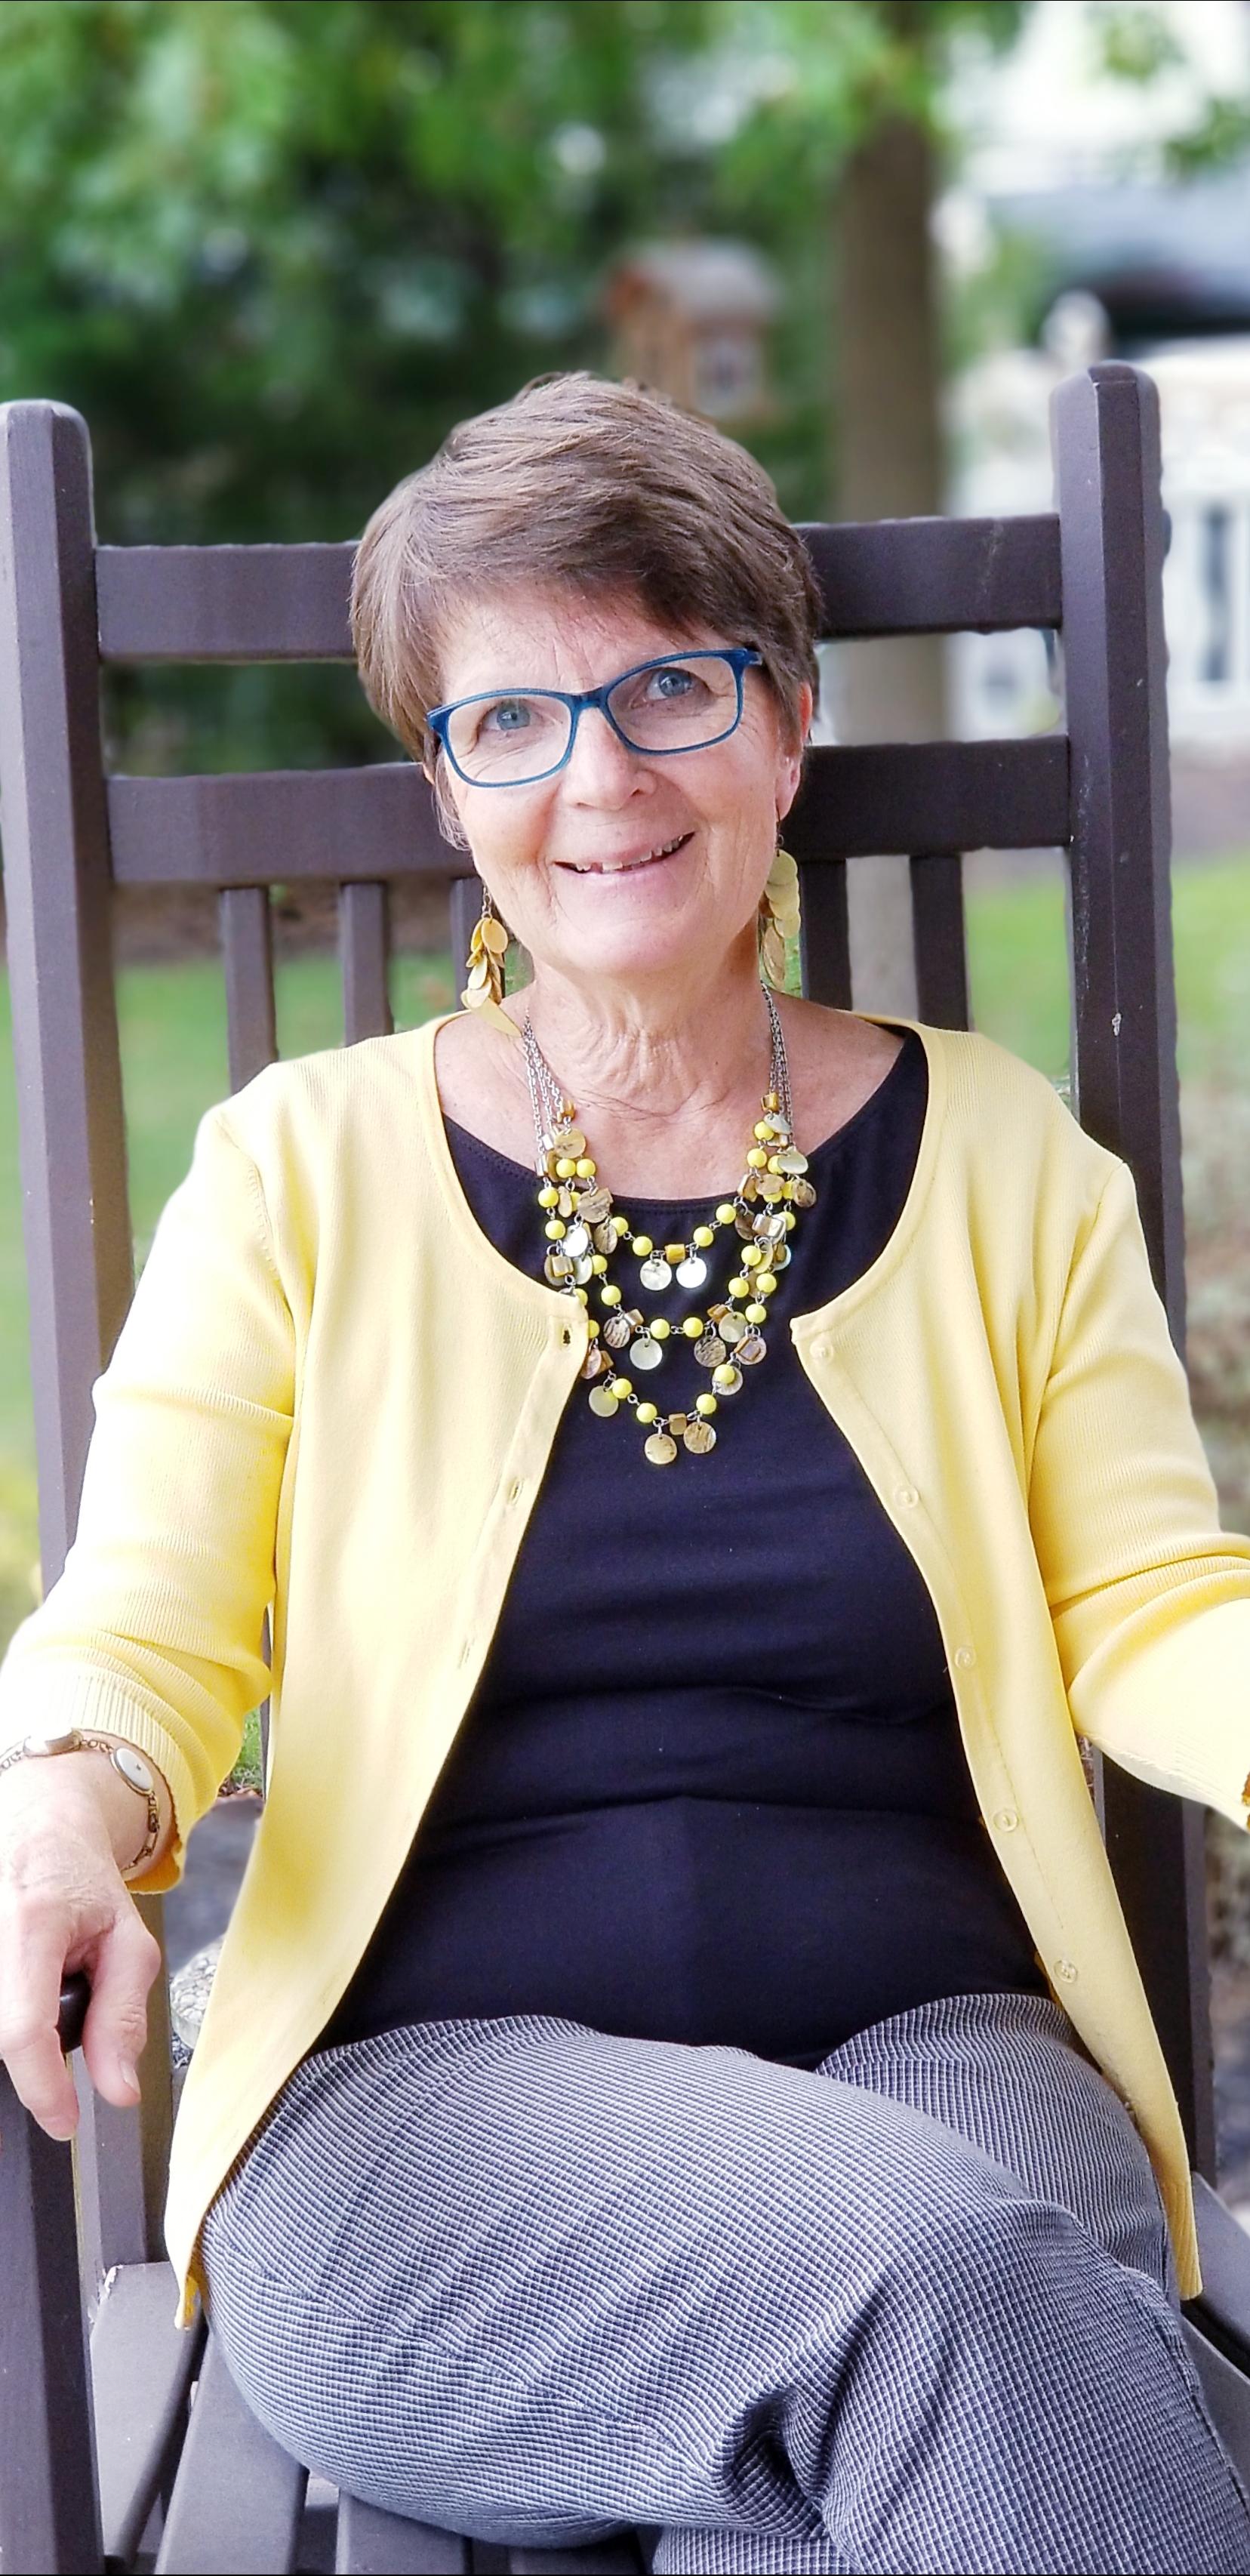 Beth A. Boehr - Founder